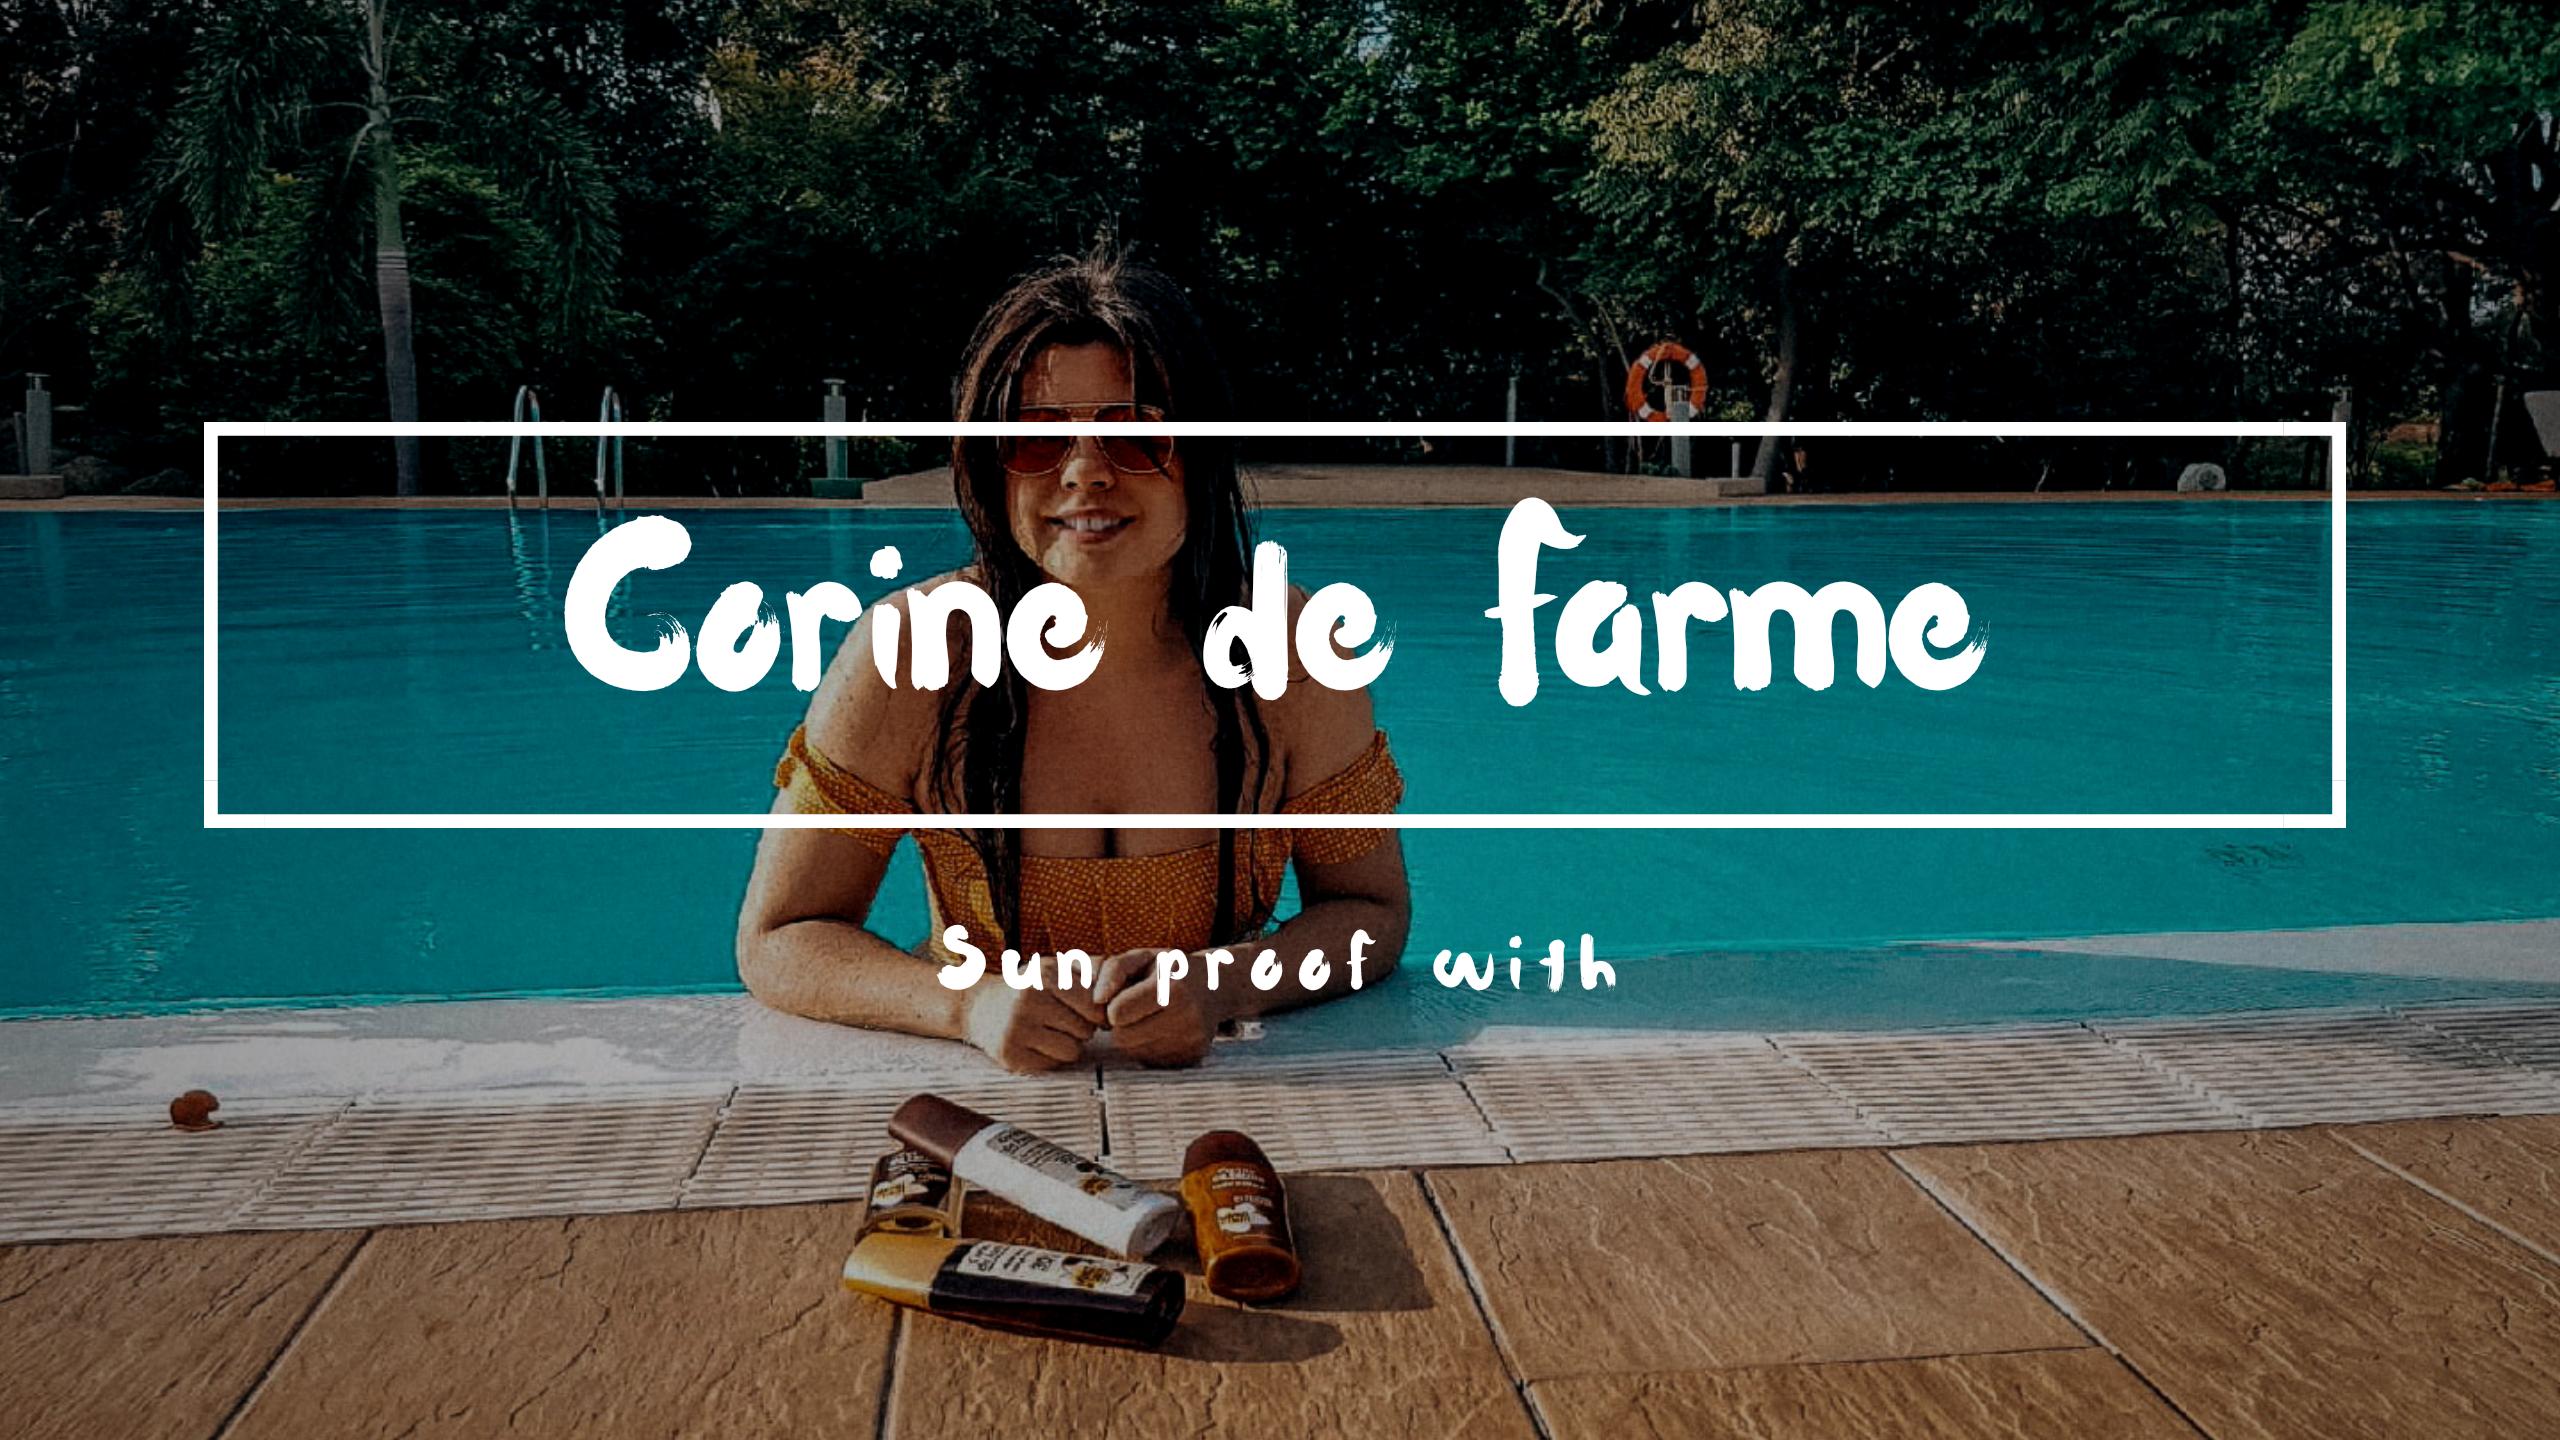 Beauty: Sun proof with Corine de Farme